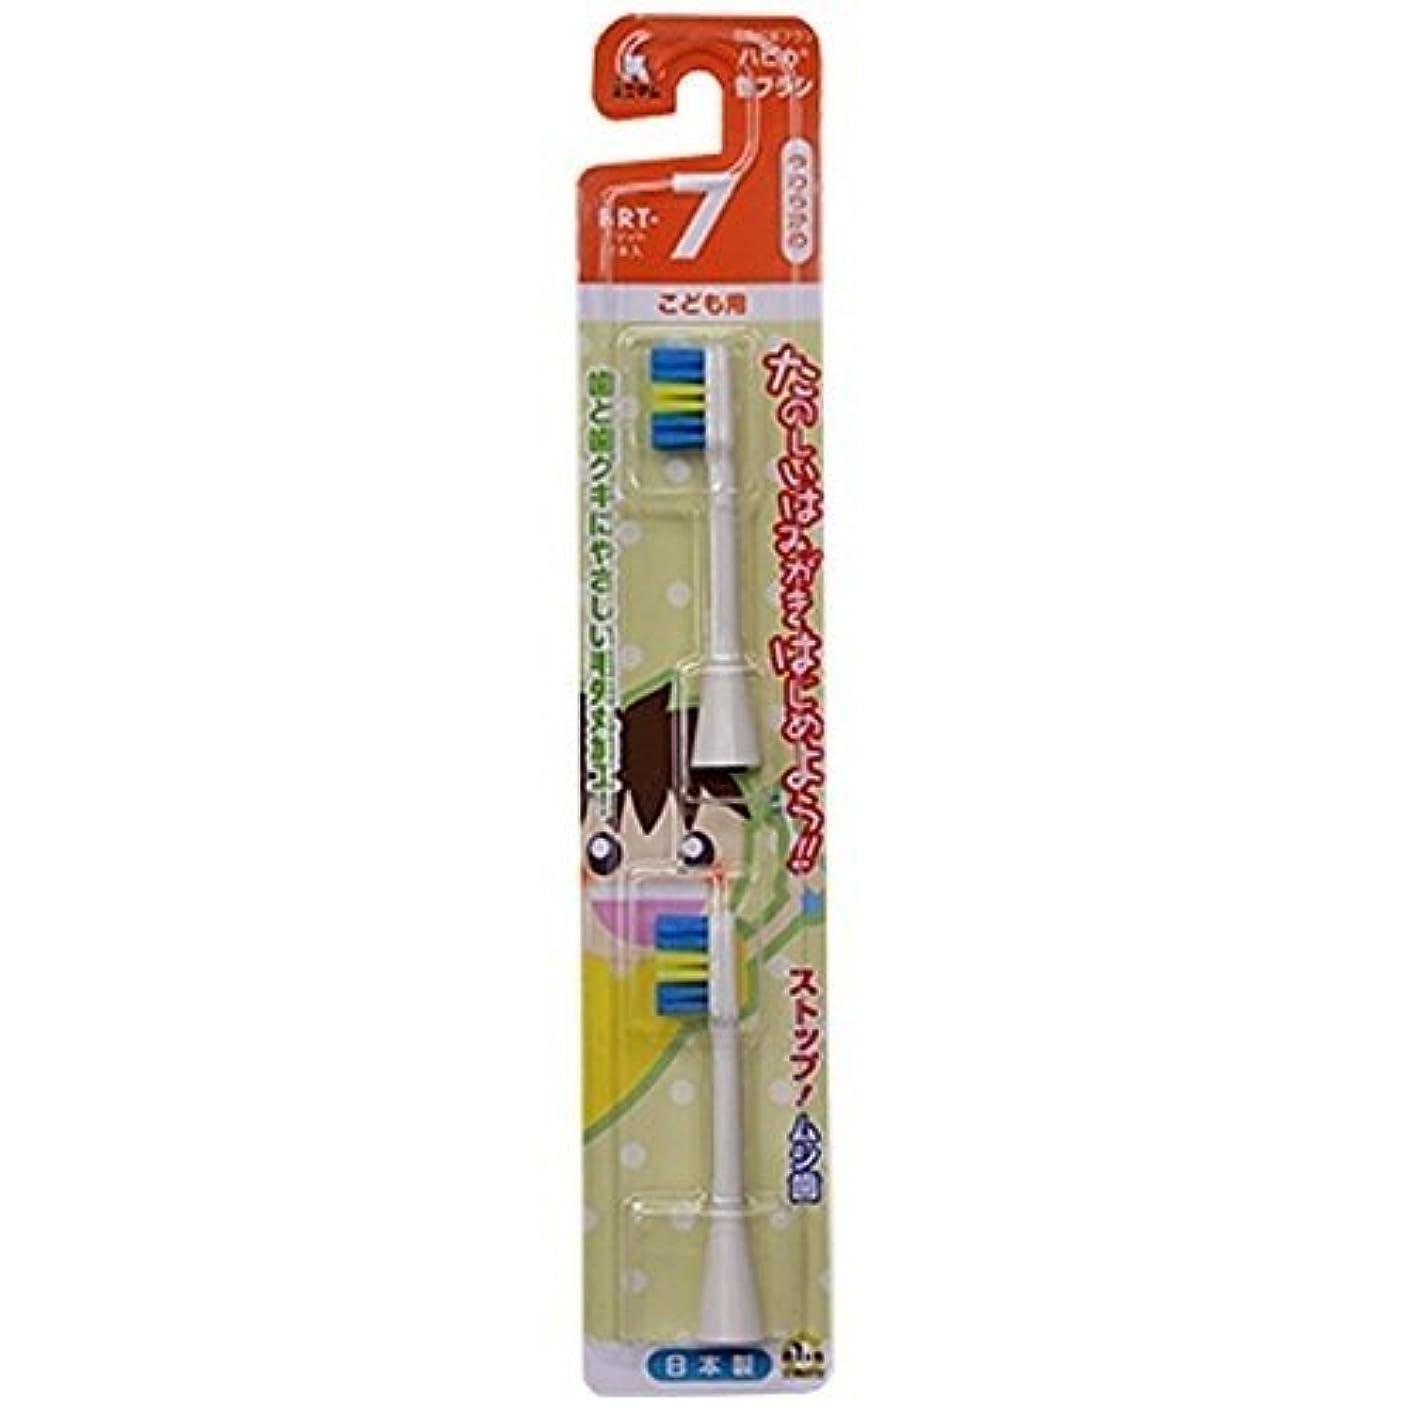 大聖堂大洪水弓ミニマム 電動付歯ブラシ ハピカ 専用替ブラシ こども用 毛の硬さ:やわらかめ BRT-7 2個入